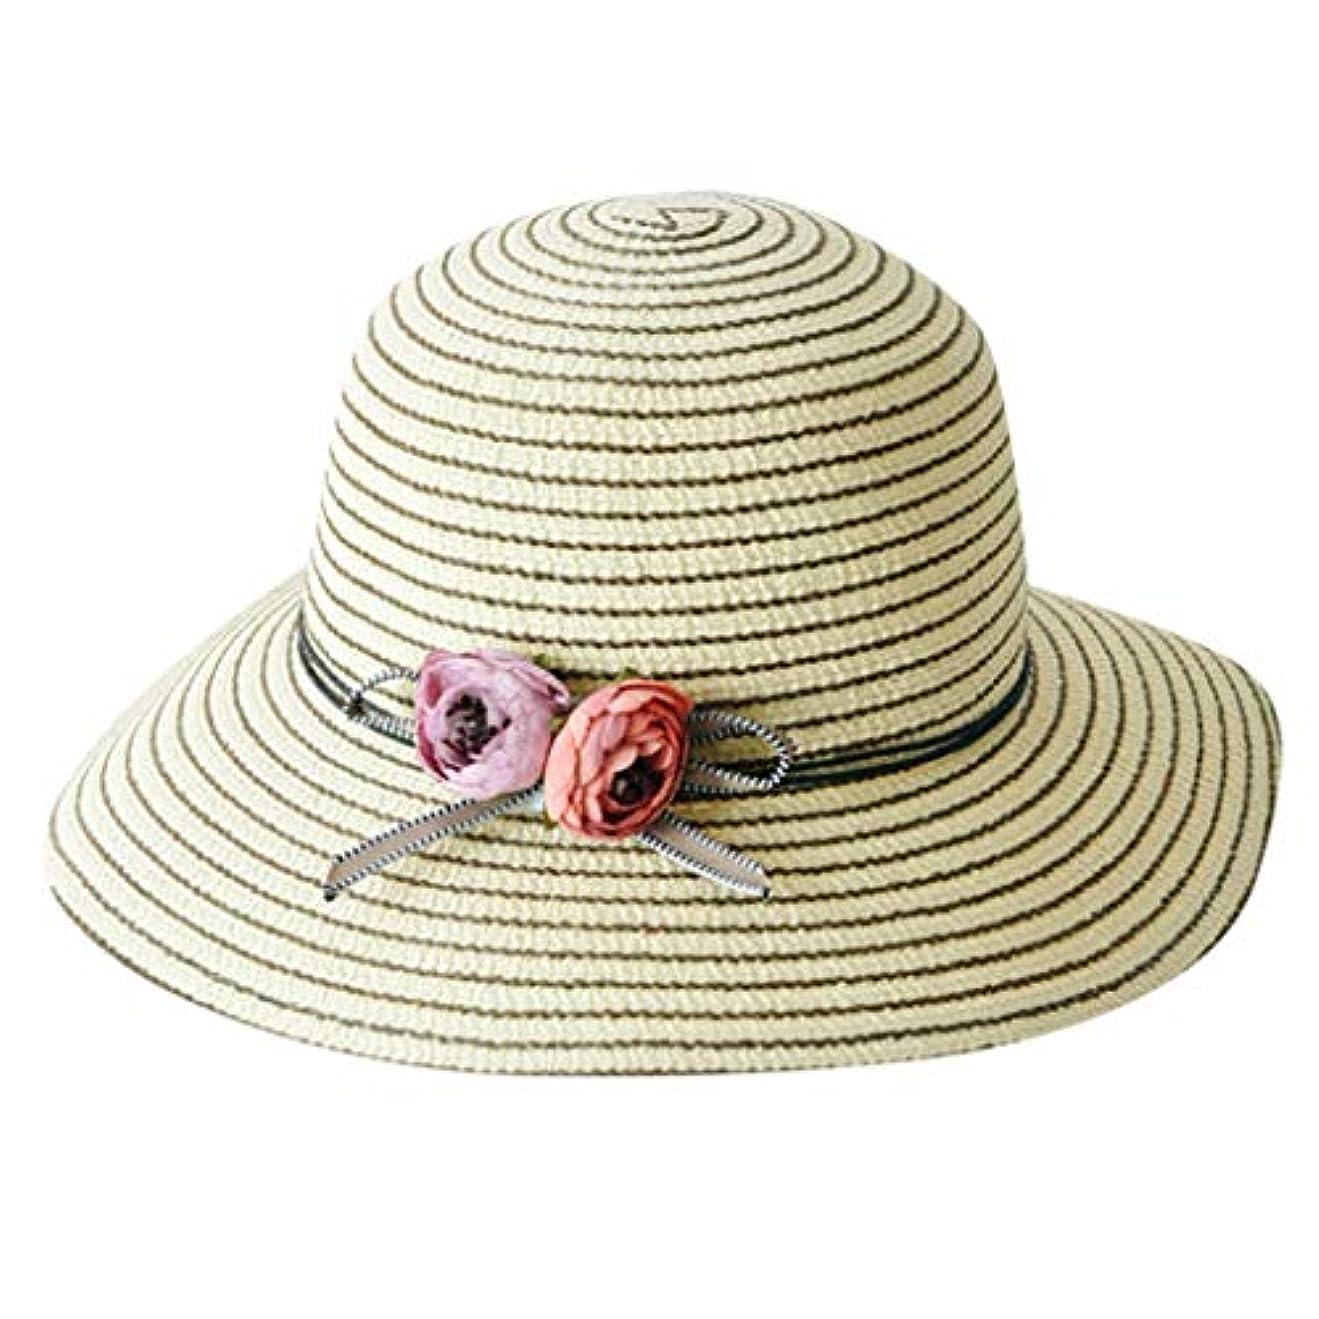 リーン遠え夫婦帽子 レディース 漁師帽 夏 UVカット 帽子 綿糸 ハット レディース 紫外線100%カット UV ハット 可愛い 小顔効果抜群 日よけ 折りたたみ つば広 小顔効果抜群 折りたたみ 海 旅行 ROSE ROMAN